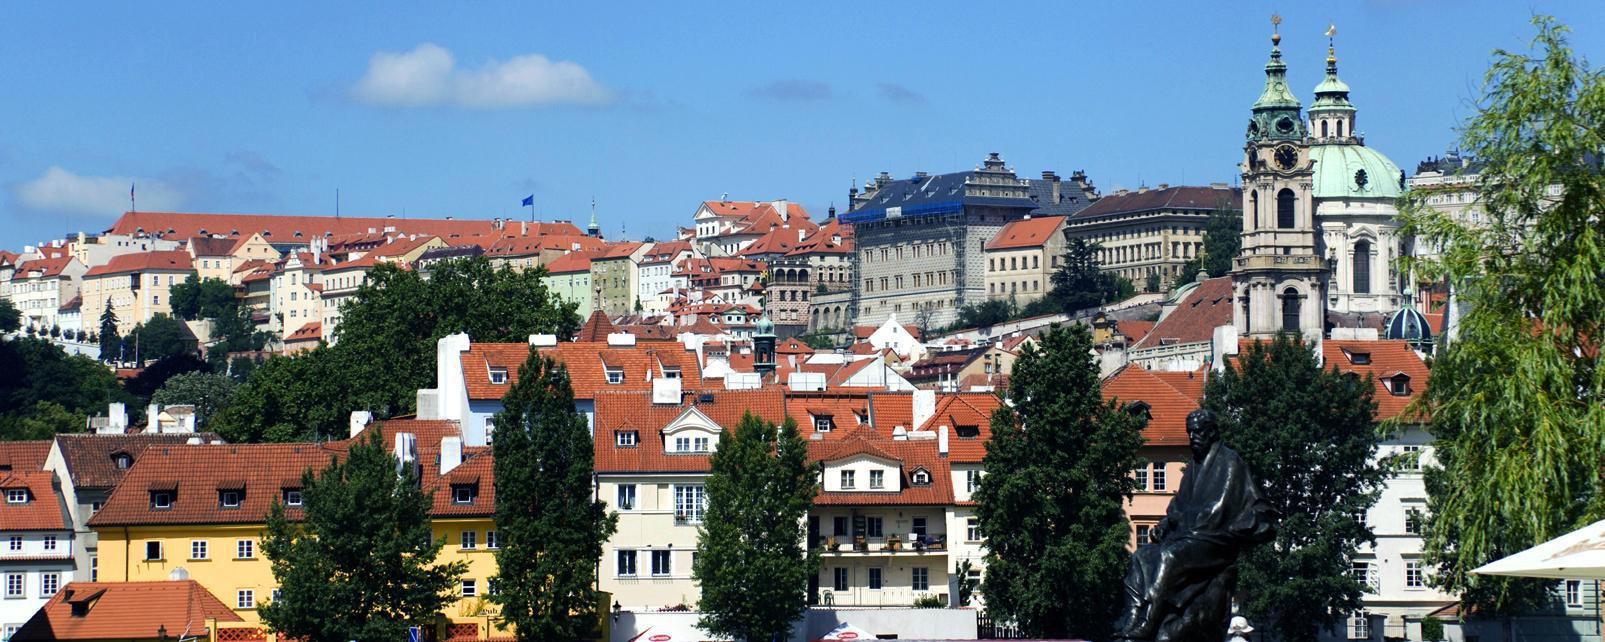 Beste Spielothek in Prag finden